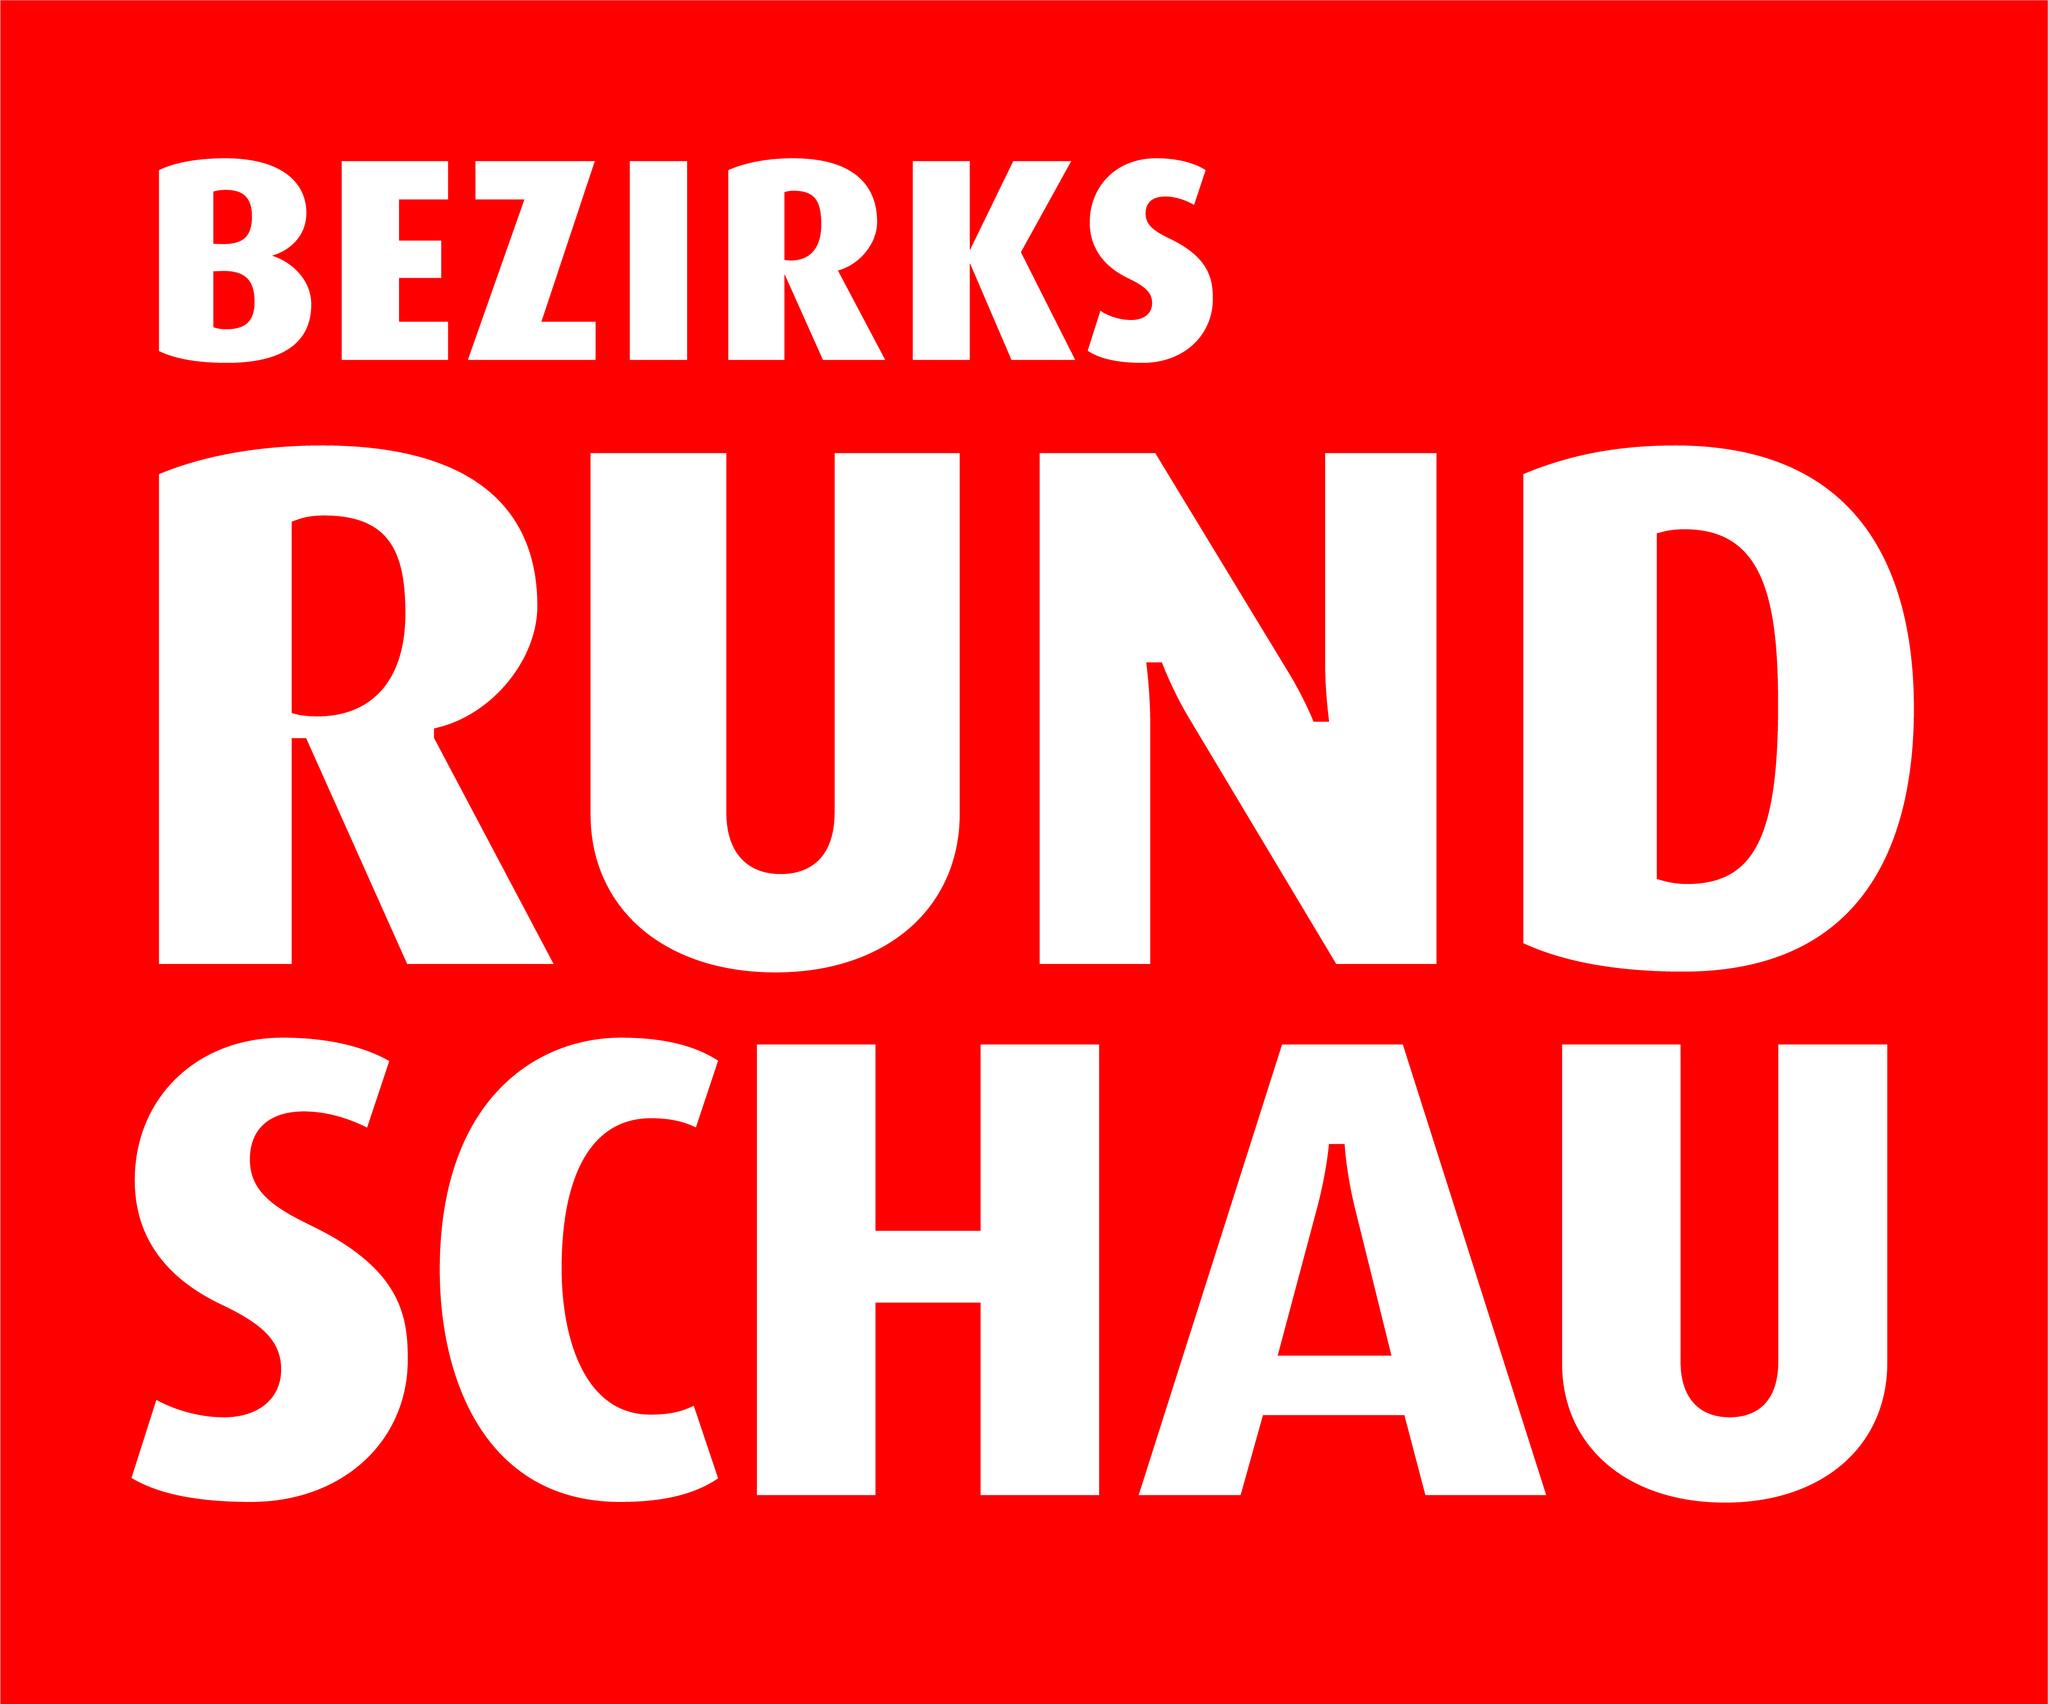 Bezirks Rundschau